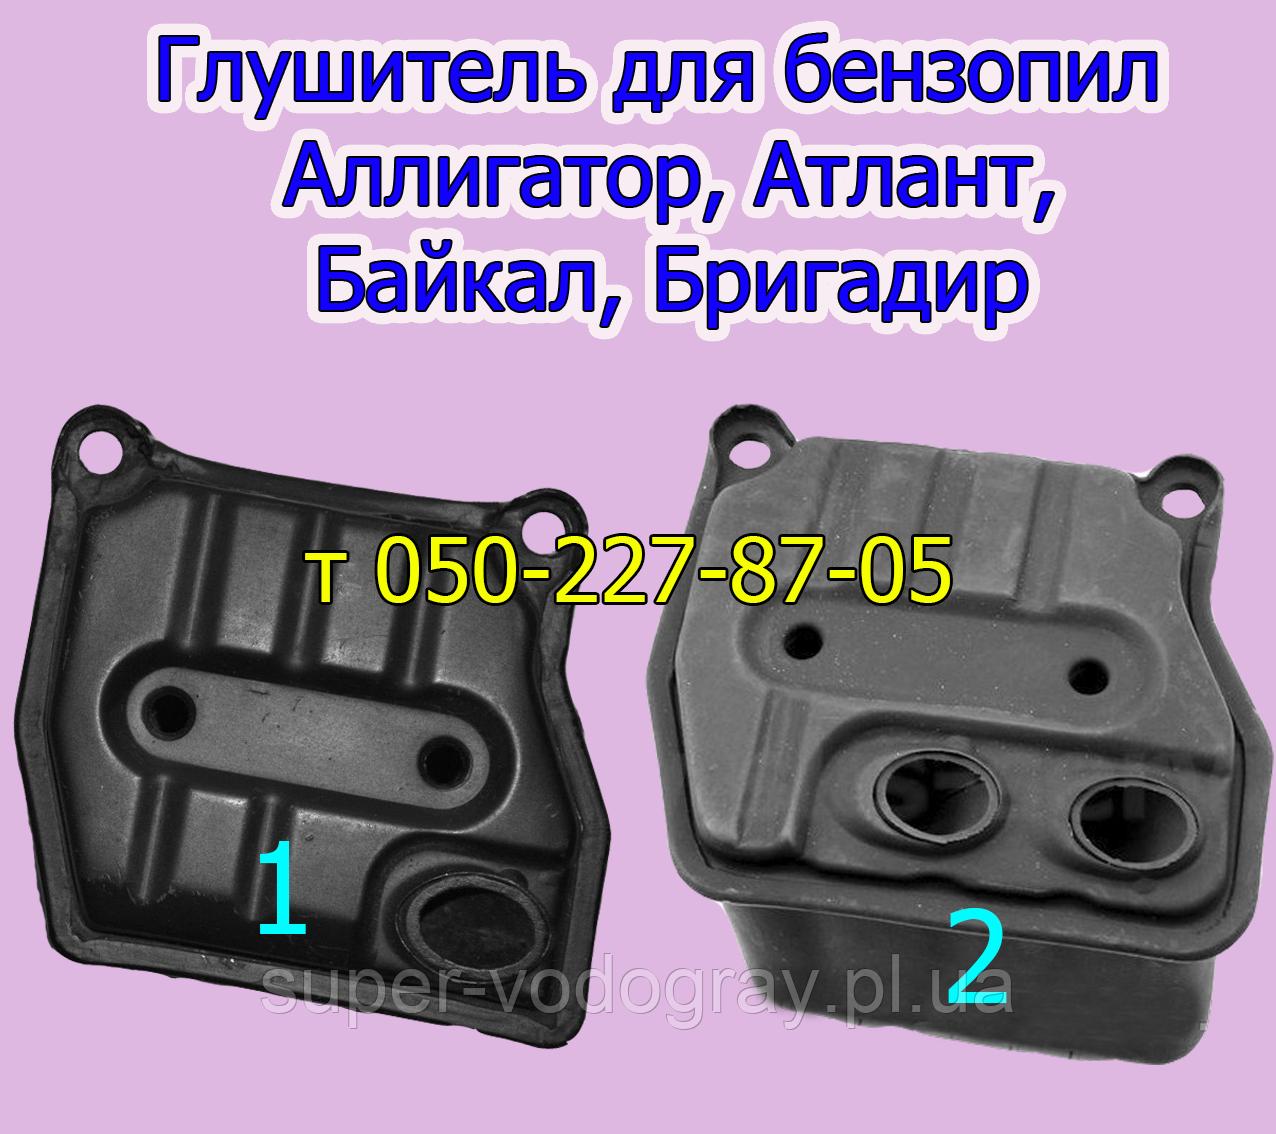 Глушитель (выхлопная) для бензопил Аллигатор, Атлант, Байкал, Бригадир